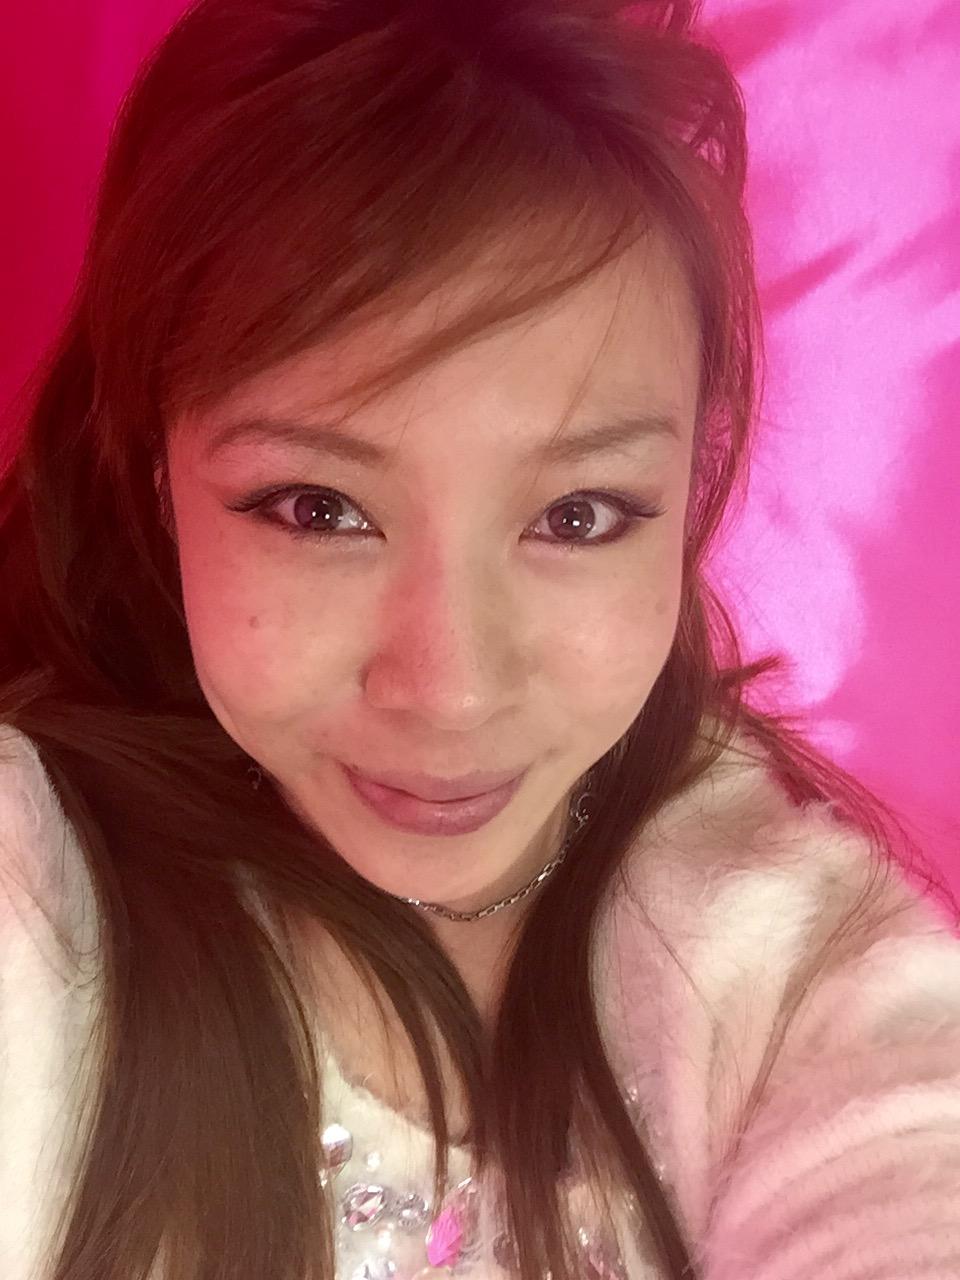 「越谷自宅のY様^_−☆」01/28(土) 00:50   まりもの写メ・風俗動画